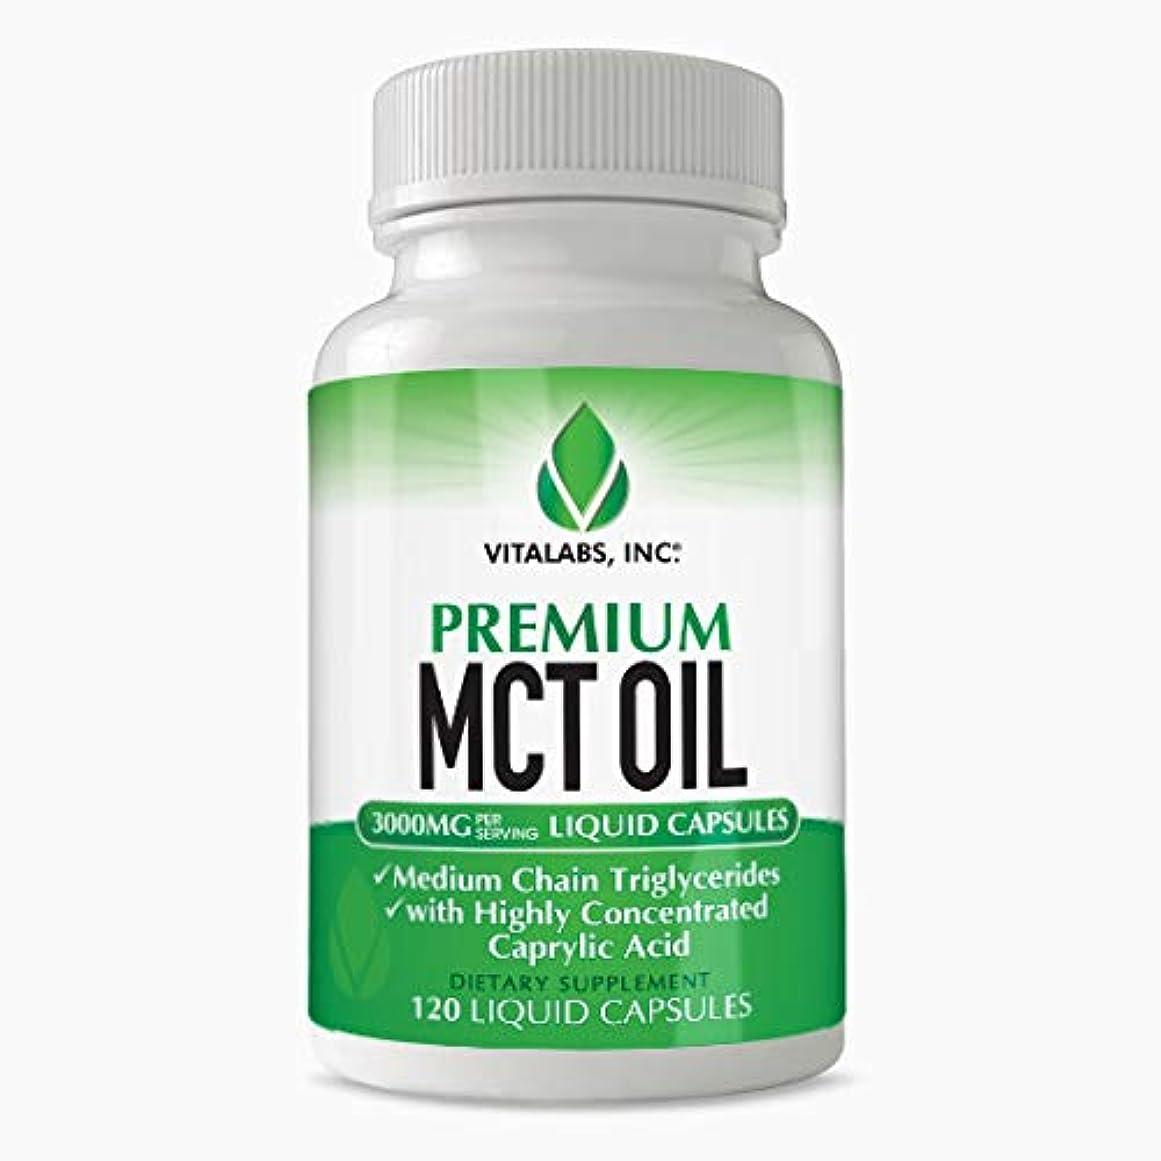 請負業者ディレクターつかの間取りやすいジェルカプセルタイプ?ココナッツ由来-MCT オイル/3000mg(1Serving) 120Capsules 【Vitalabs.MCT Oil】 (1)